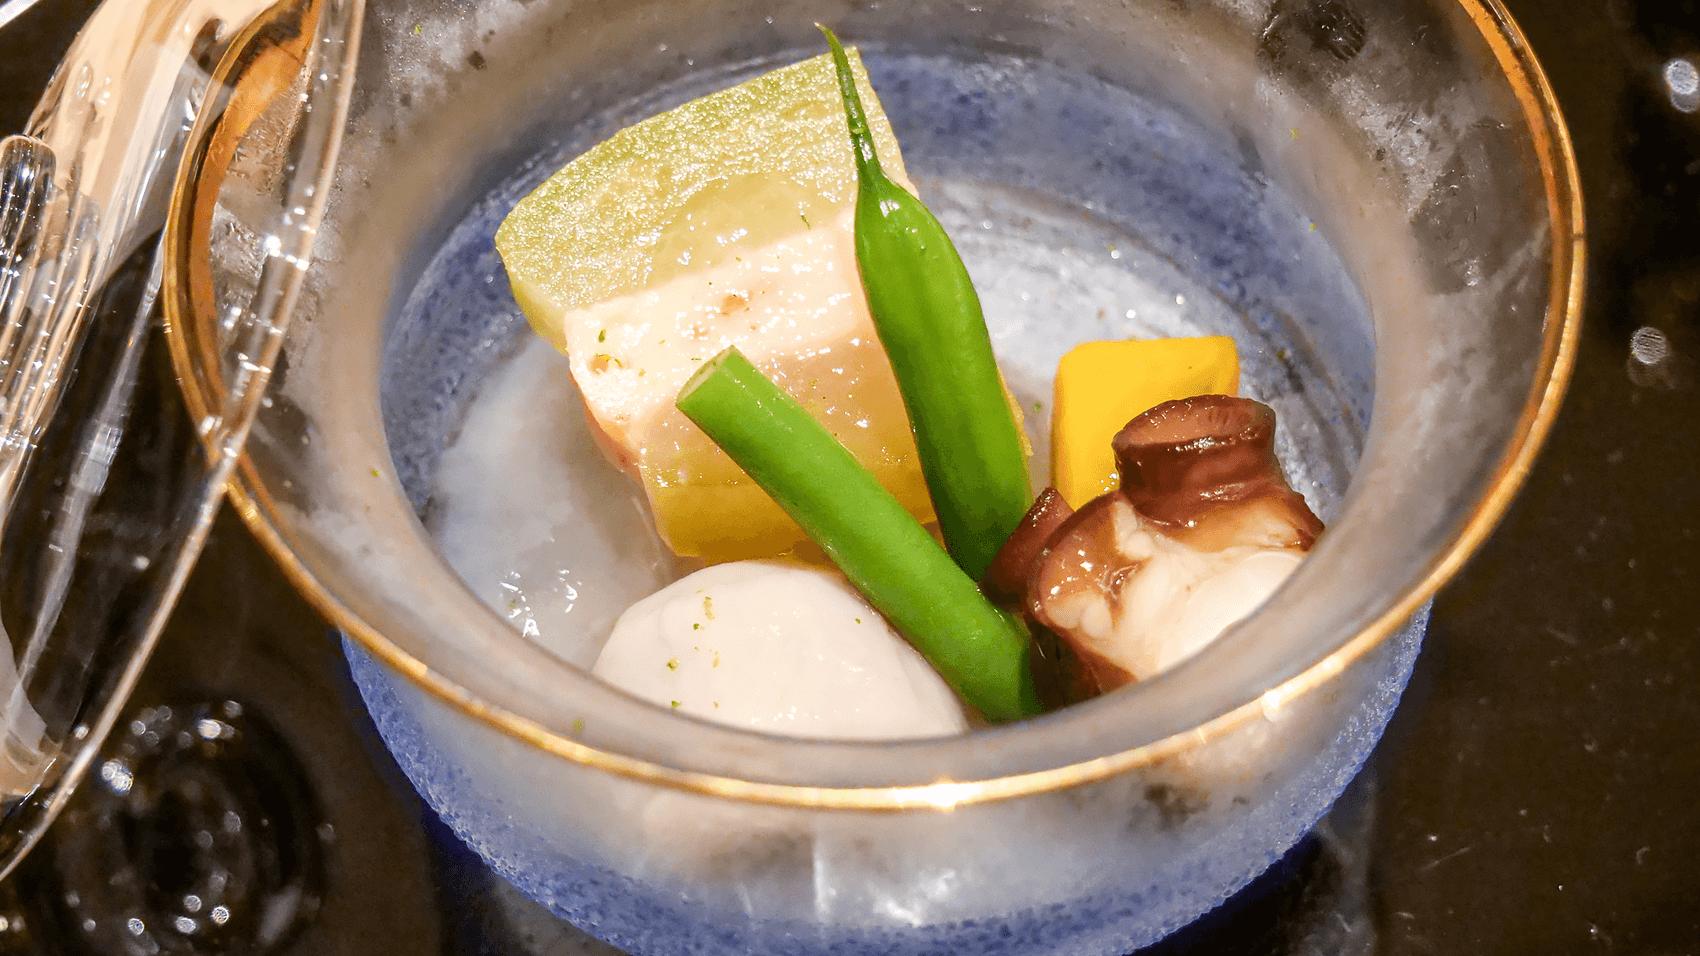 冬瓜海老博多と夏野菜の冷やし鉢